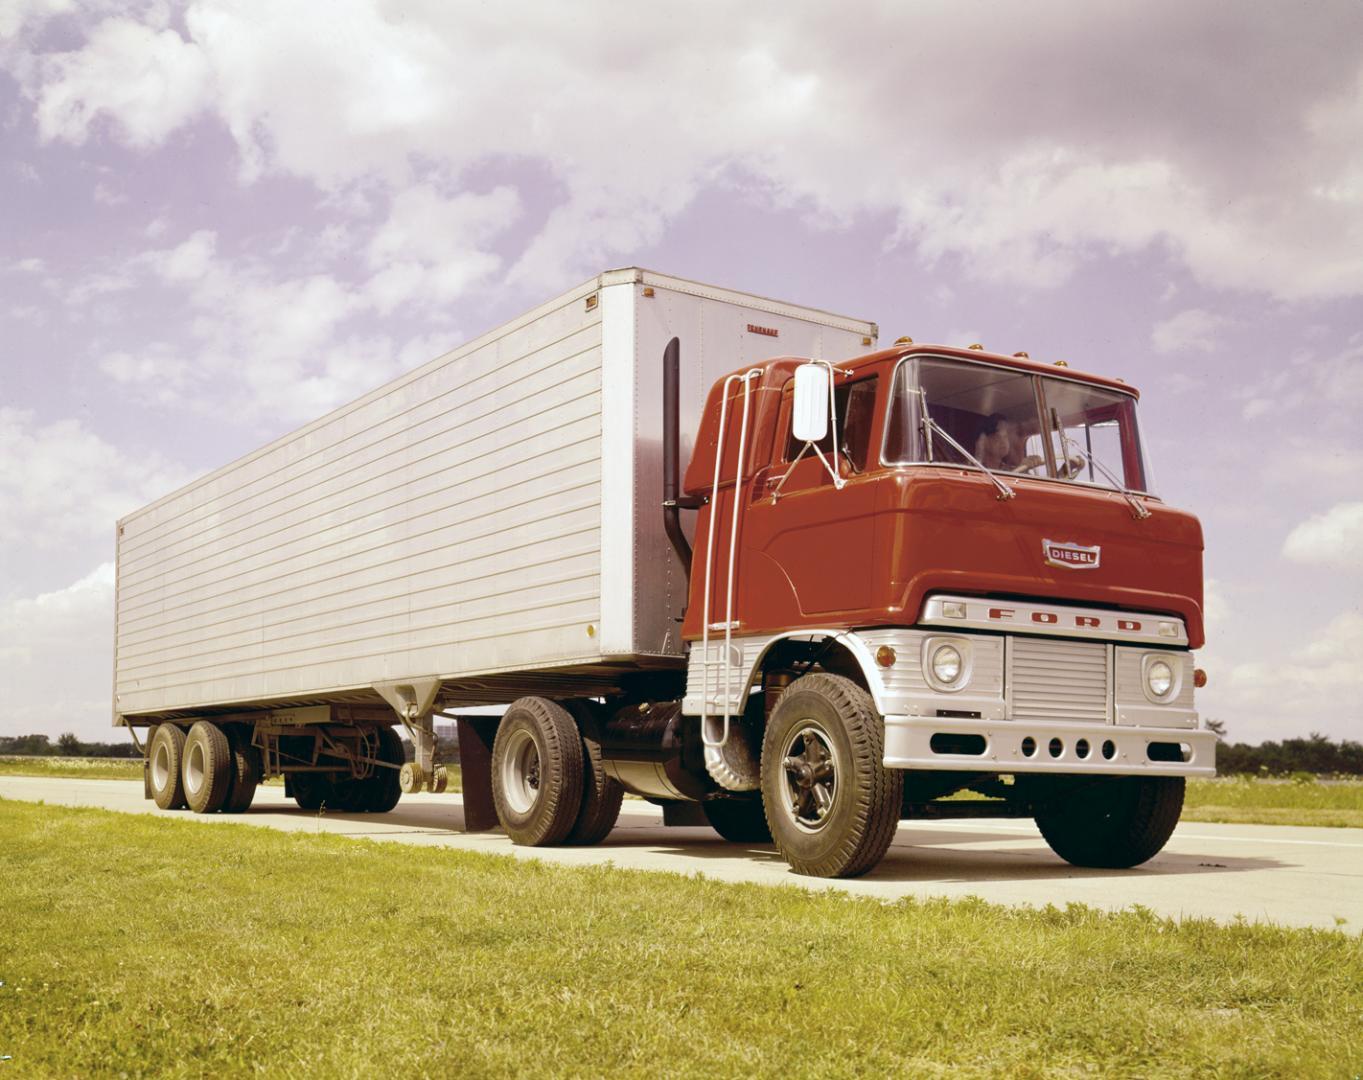 ford_w-750_tractor_truck_2.jpeg.37bae885f12ceee6fed5cd875da80a19.jpeg